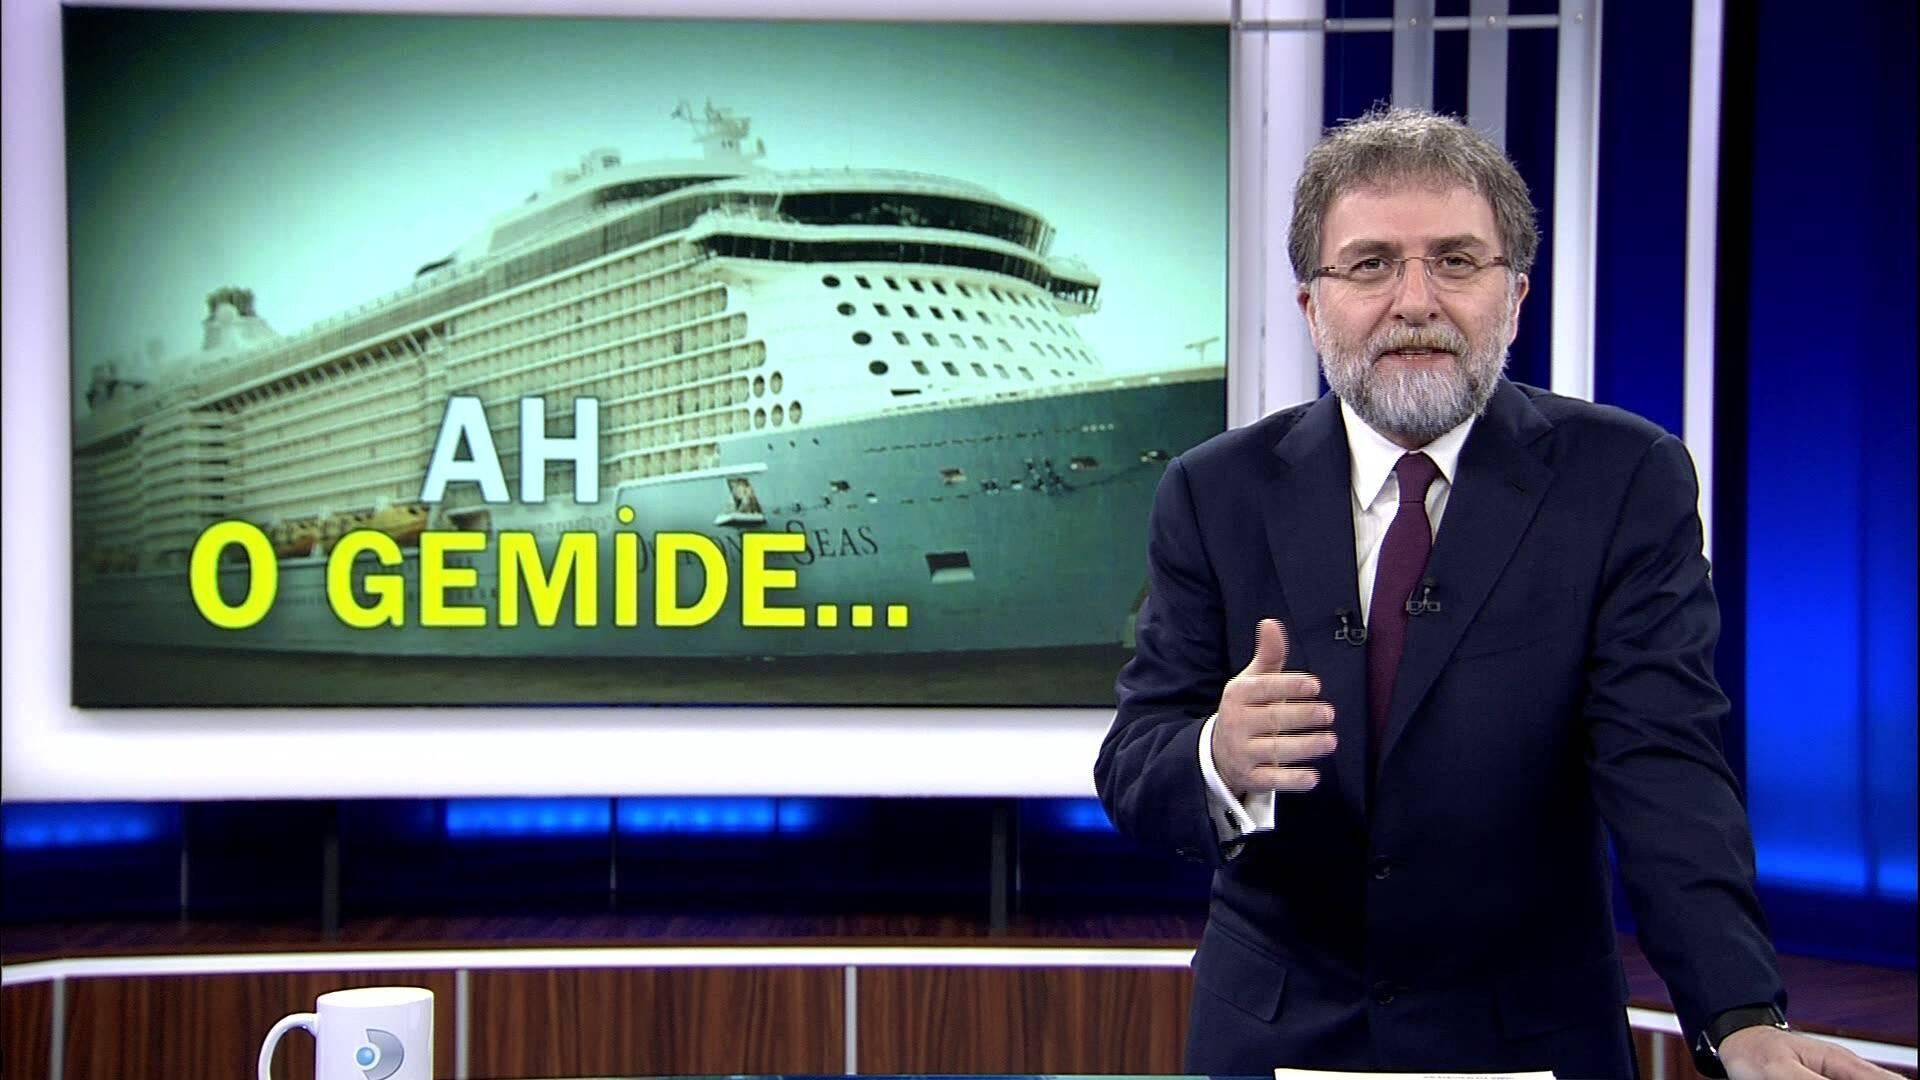 Ahmet Hakan'la Kanal D Haber - 13.03.2017